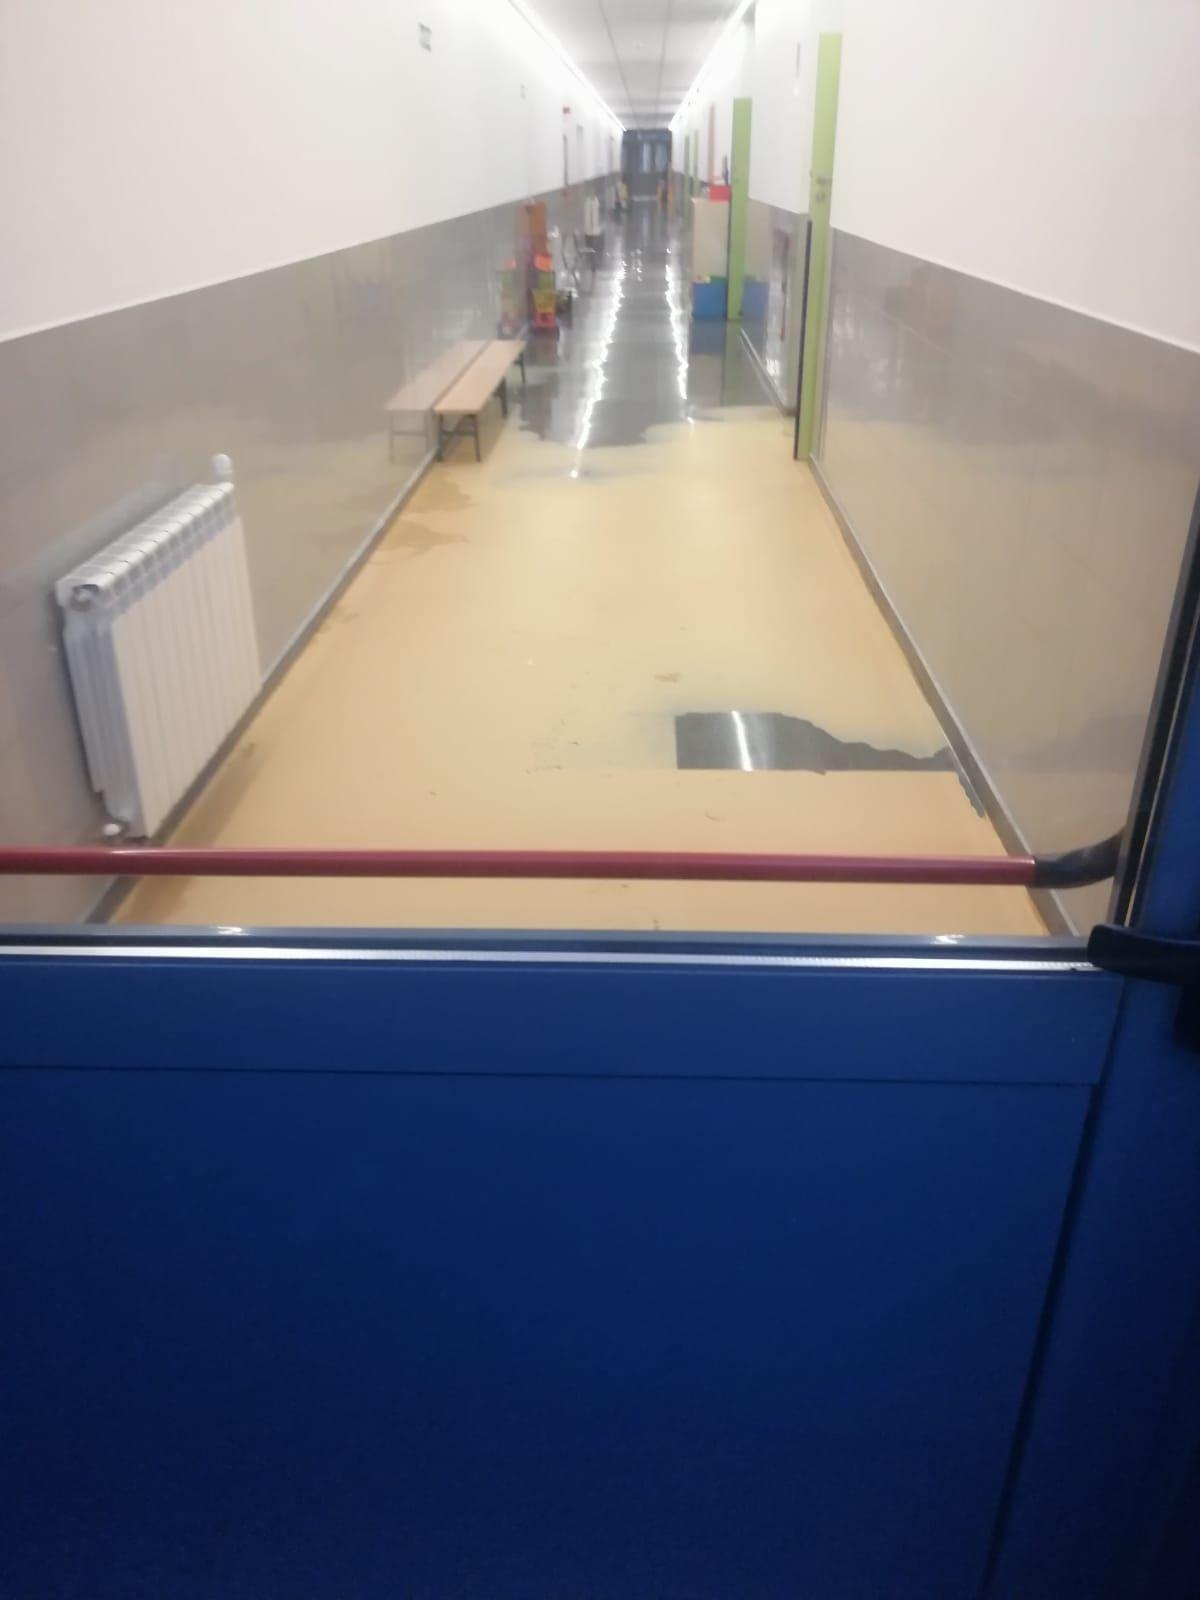 El colegio Igrexa reinicia las clases con el acceso cubierto de barro y aulas anegadas Las placas de hielo en la puerta